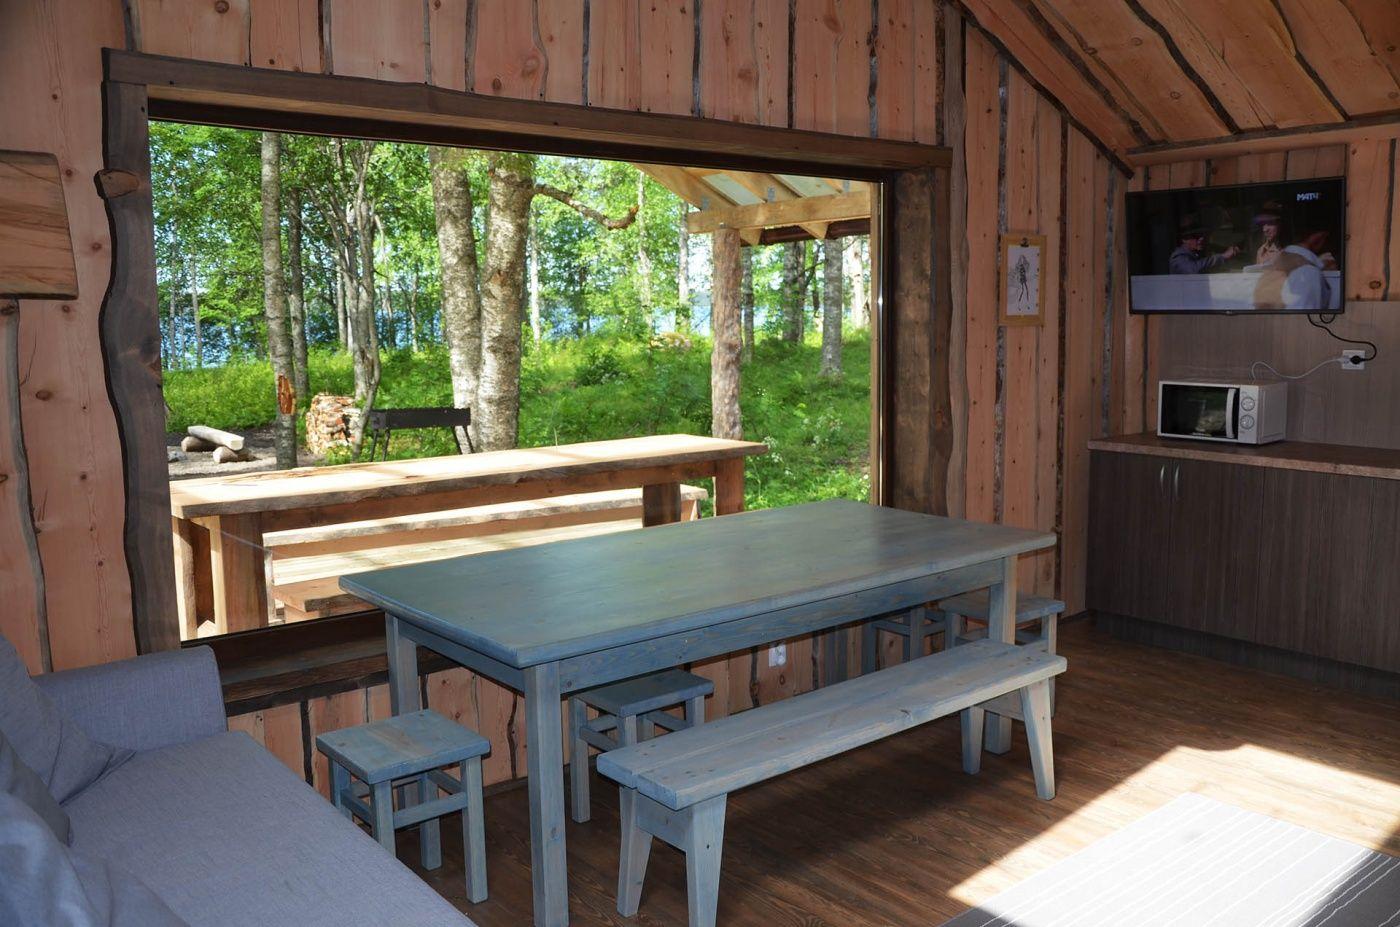 Комплекс гостевых домов «Karelia Village» Республика Карелия Коттедж «Ангенлахти-6», «Ангенлахти-7», фото 8